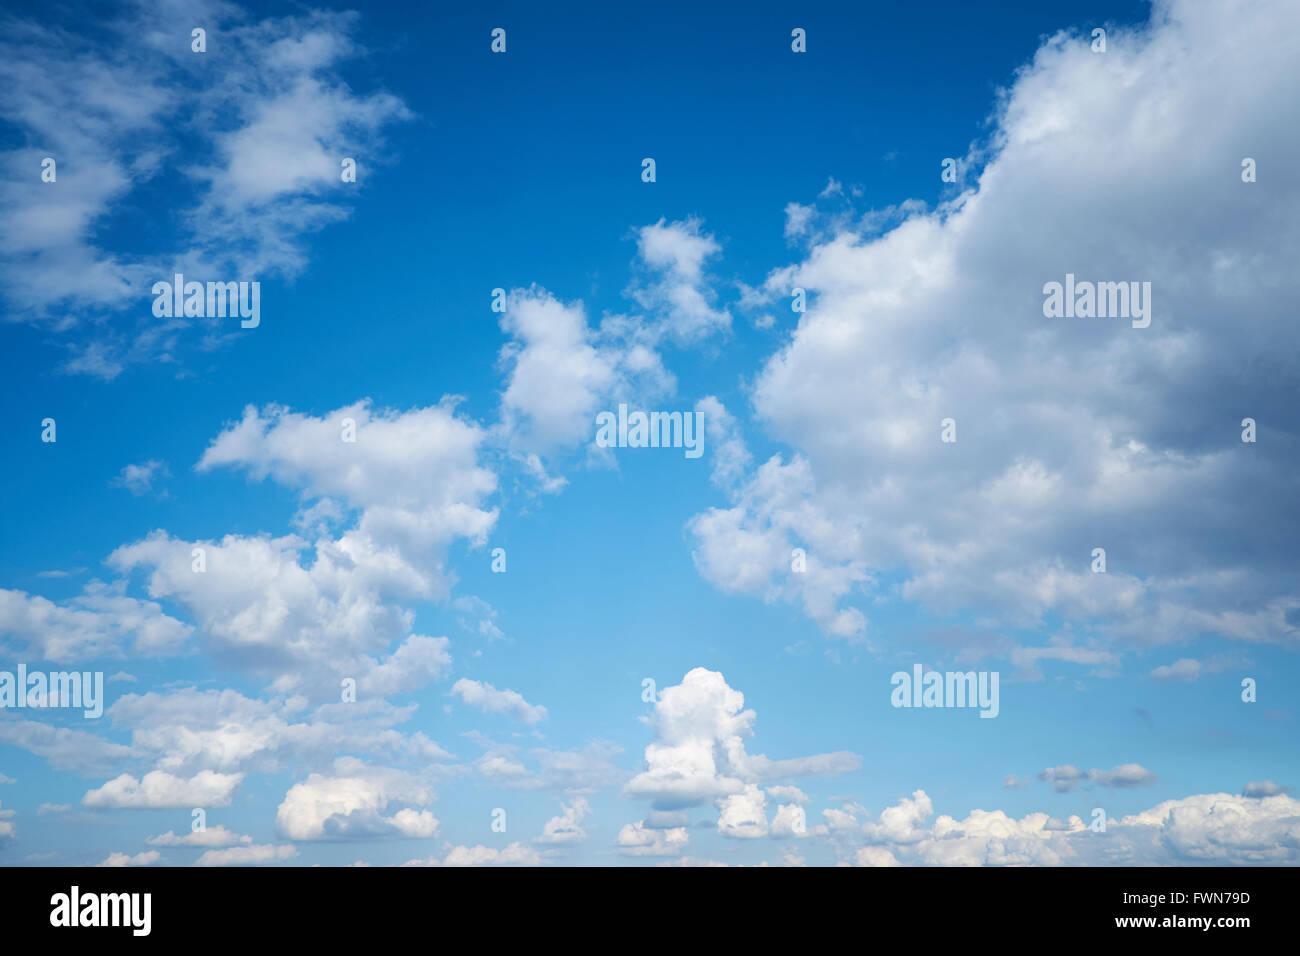 Cumulonimbus cloud formations against a bright blue sky. UK. Stock Photo